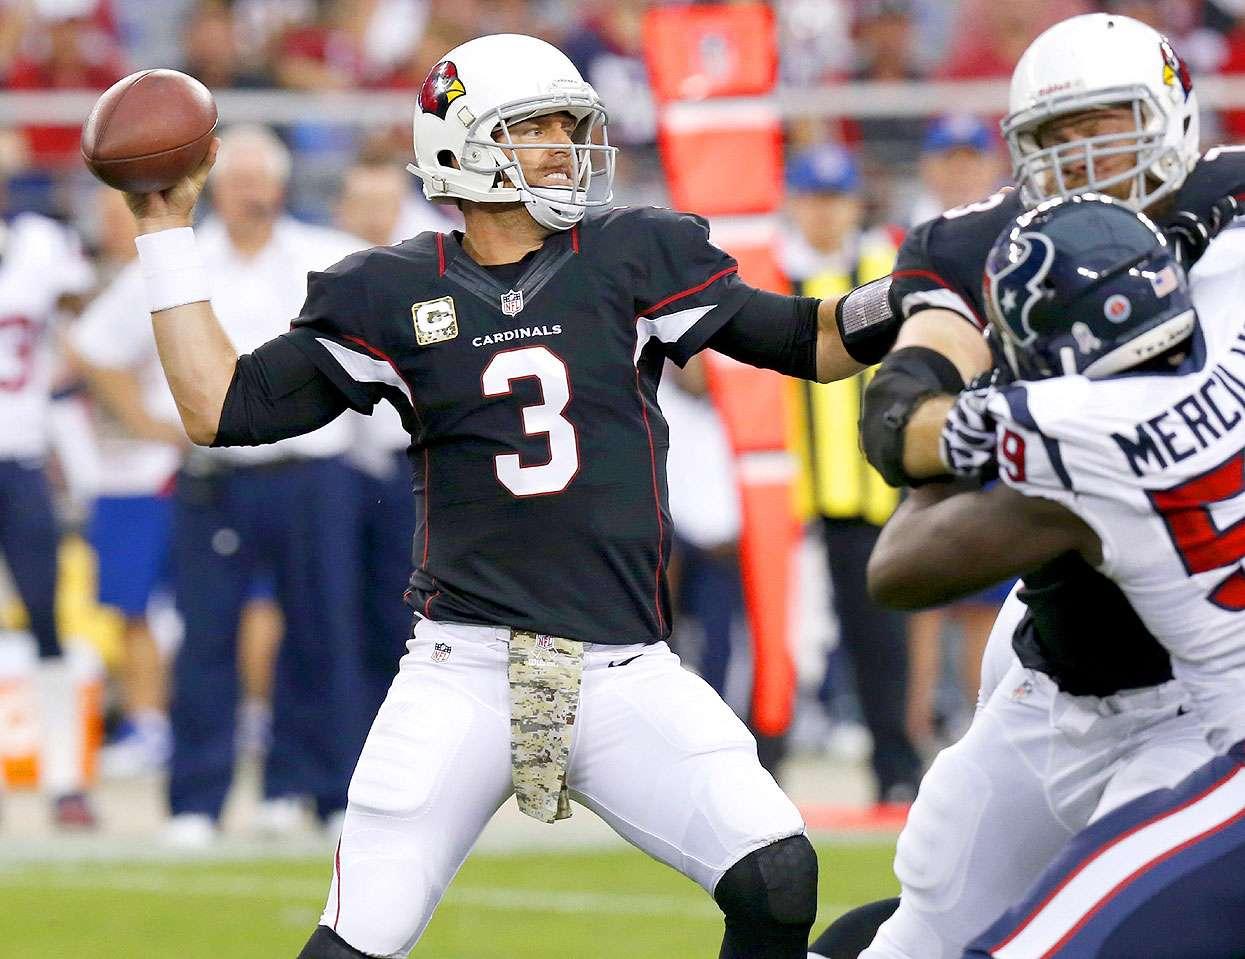 El veterano quarterback Carson Palmer lanzó dos pases para anotación y los Arizona Cardinals resistieran la presión ofensiva de los Houston Texans para superarlos 27-24 y recetarles su séptima derrota consecutiva, una marca para la franquicia. Foto: AP